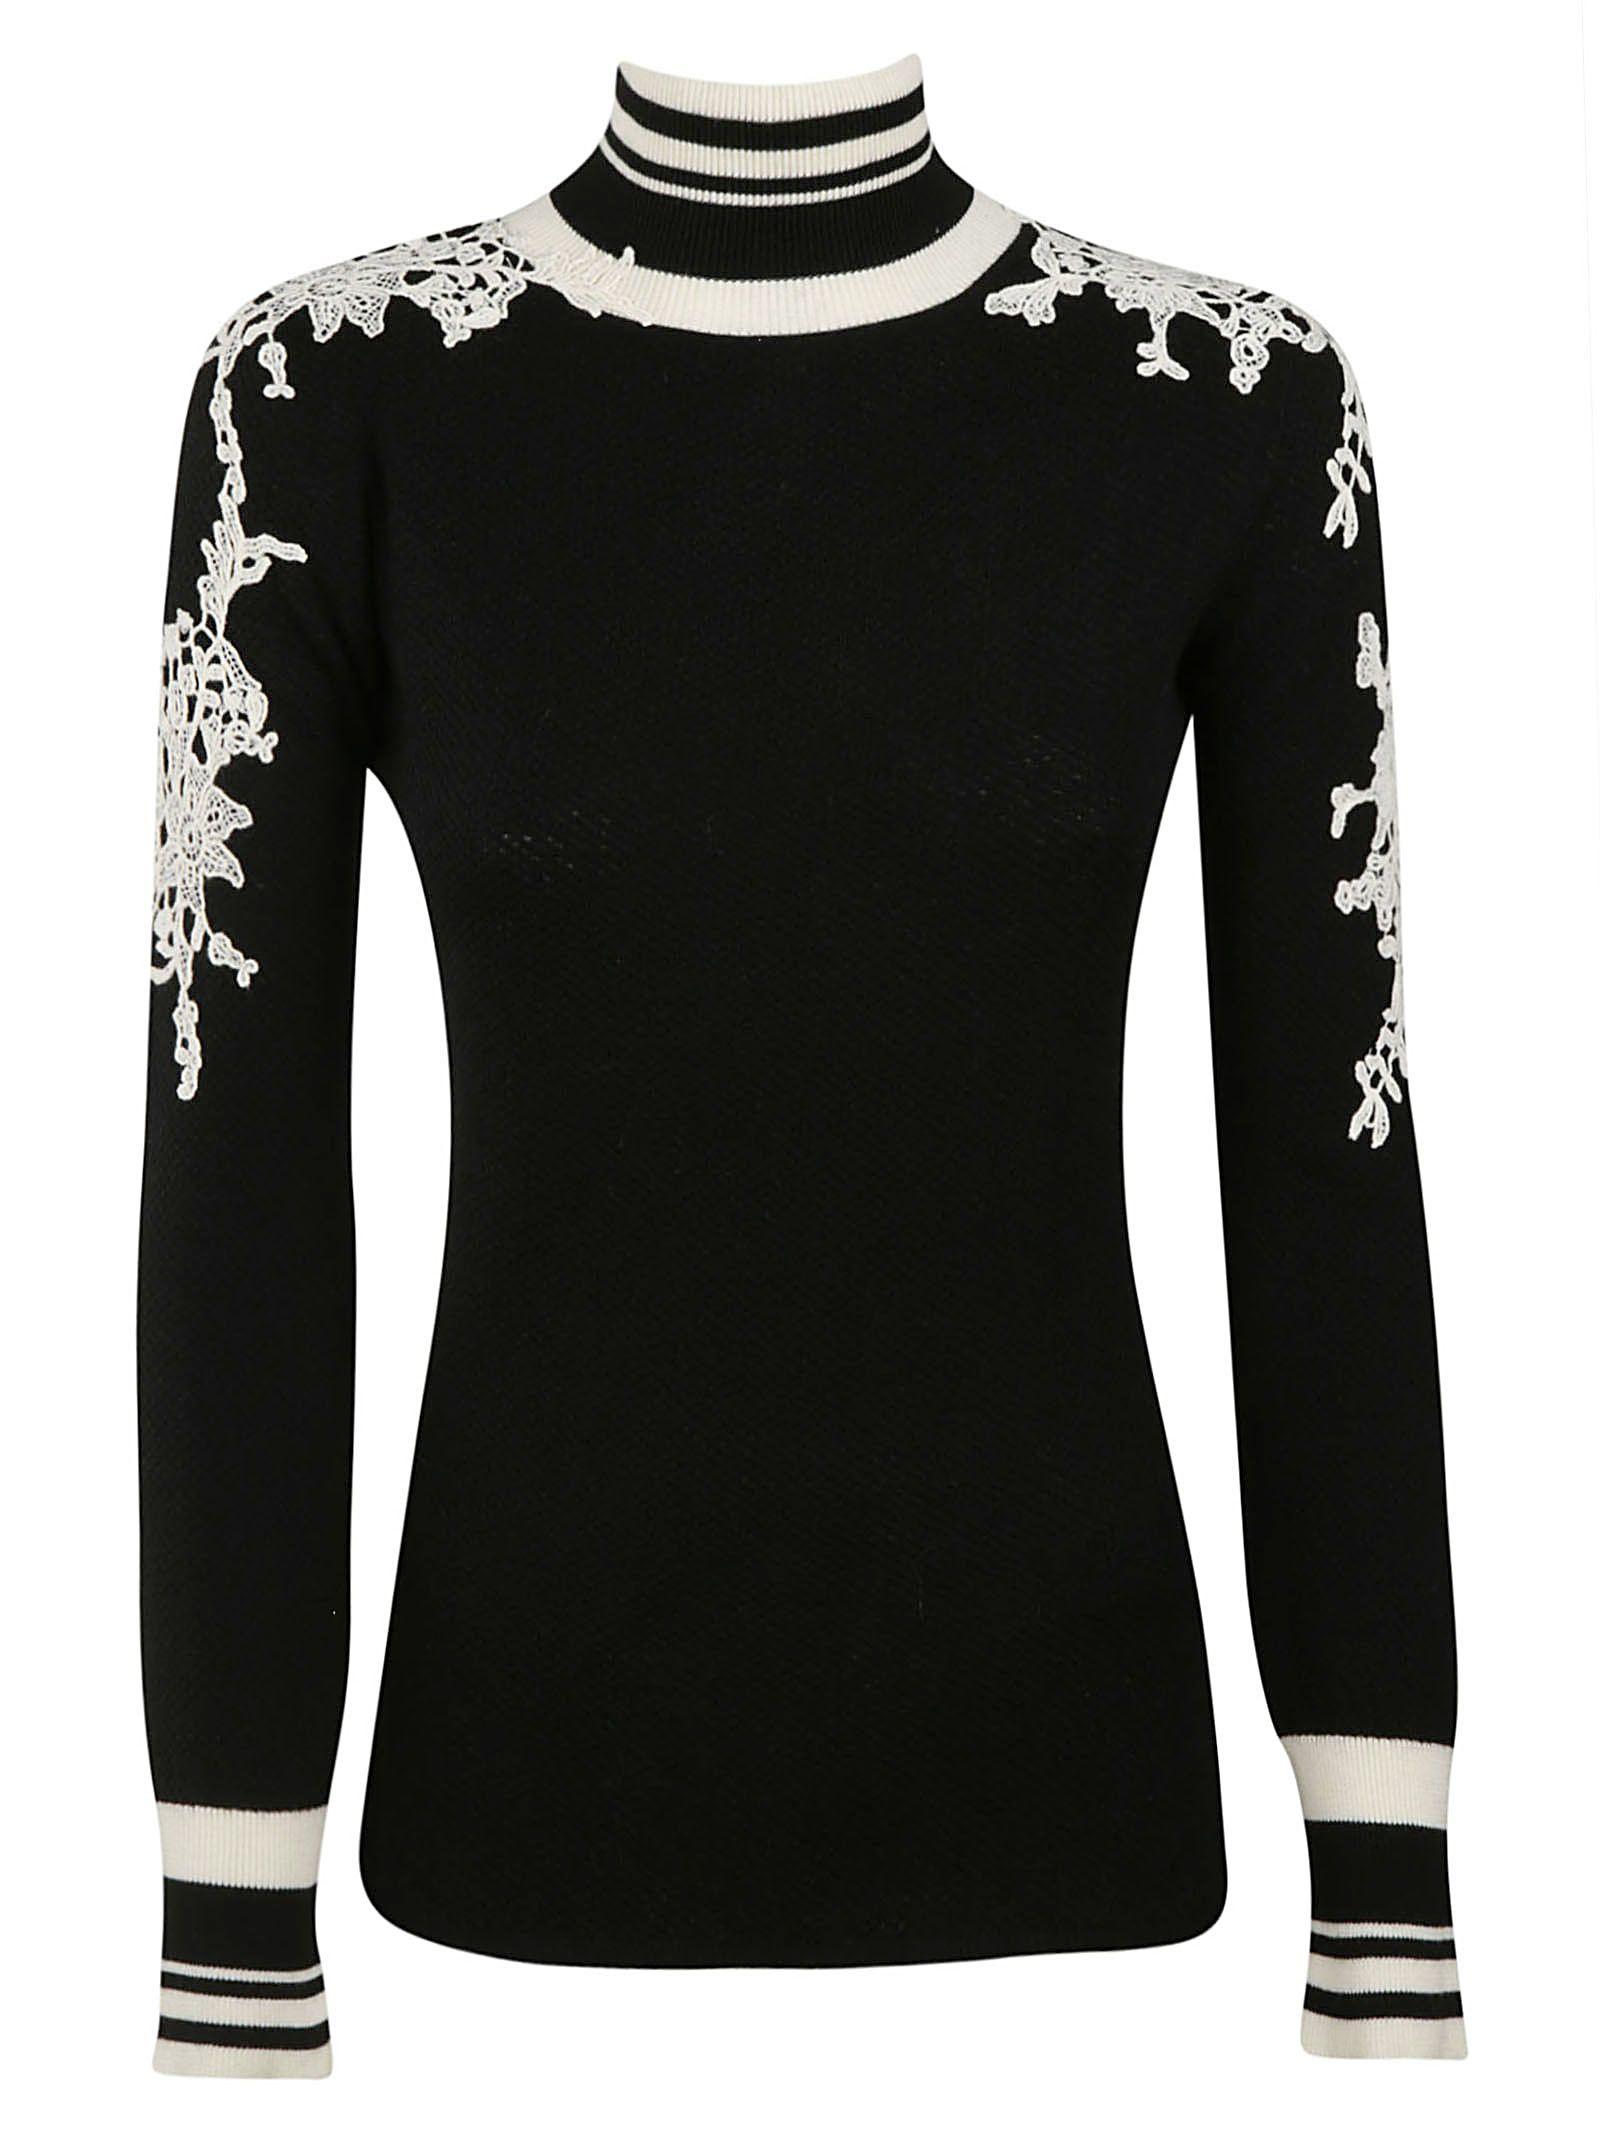 Ermanno Scervino Embroidered Sweater